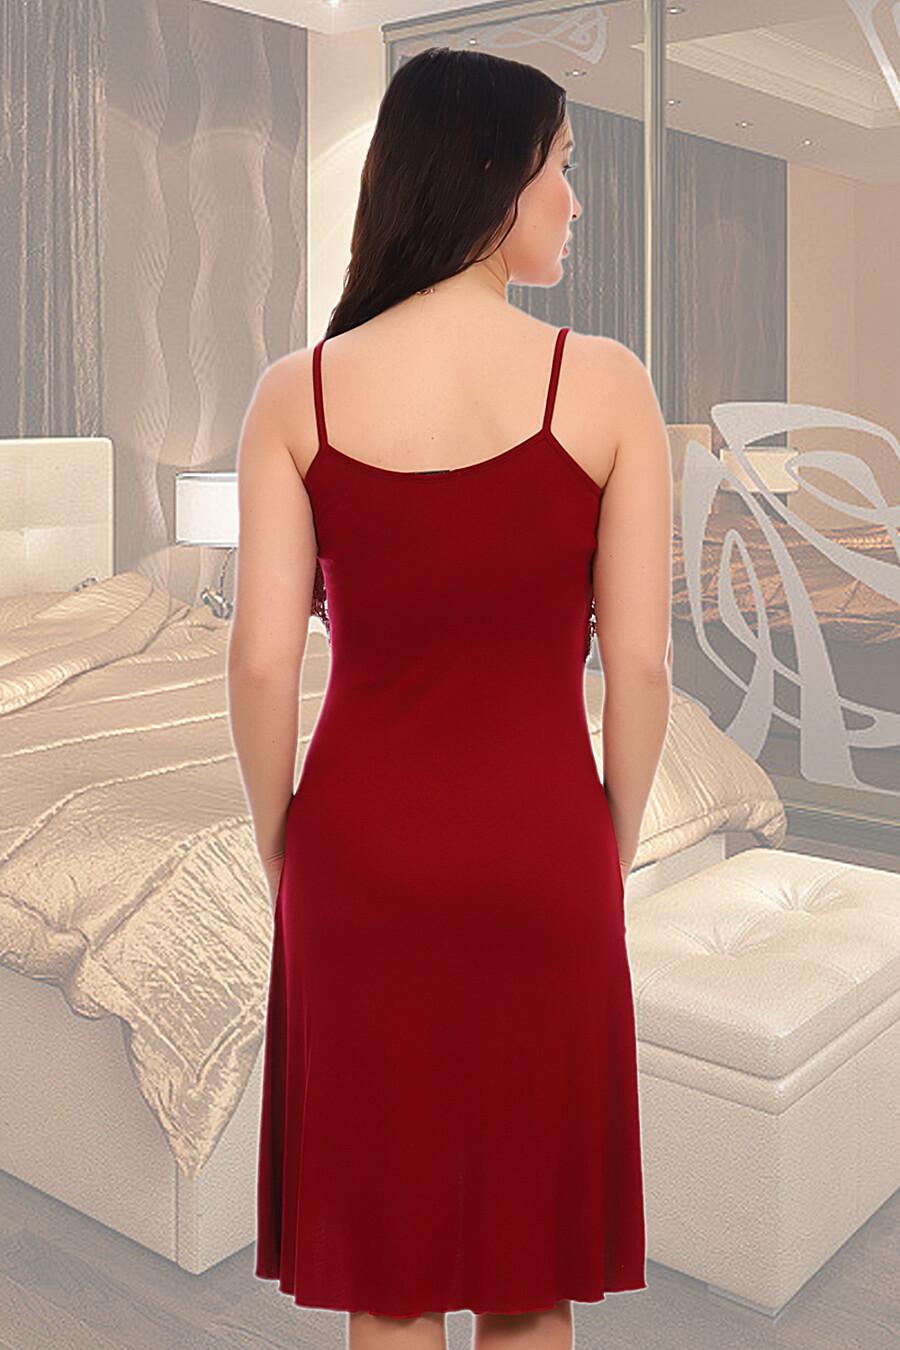 Сорочка 6826 для женщин НАТАЛИ 289347 купить оптом от производителя. Совместная покупка женской одежды в OptMoyo